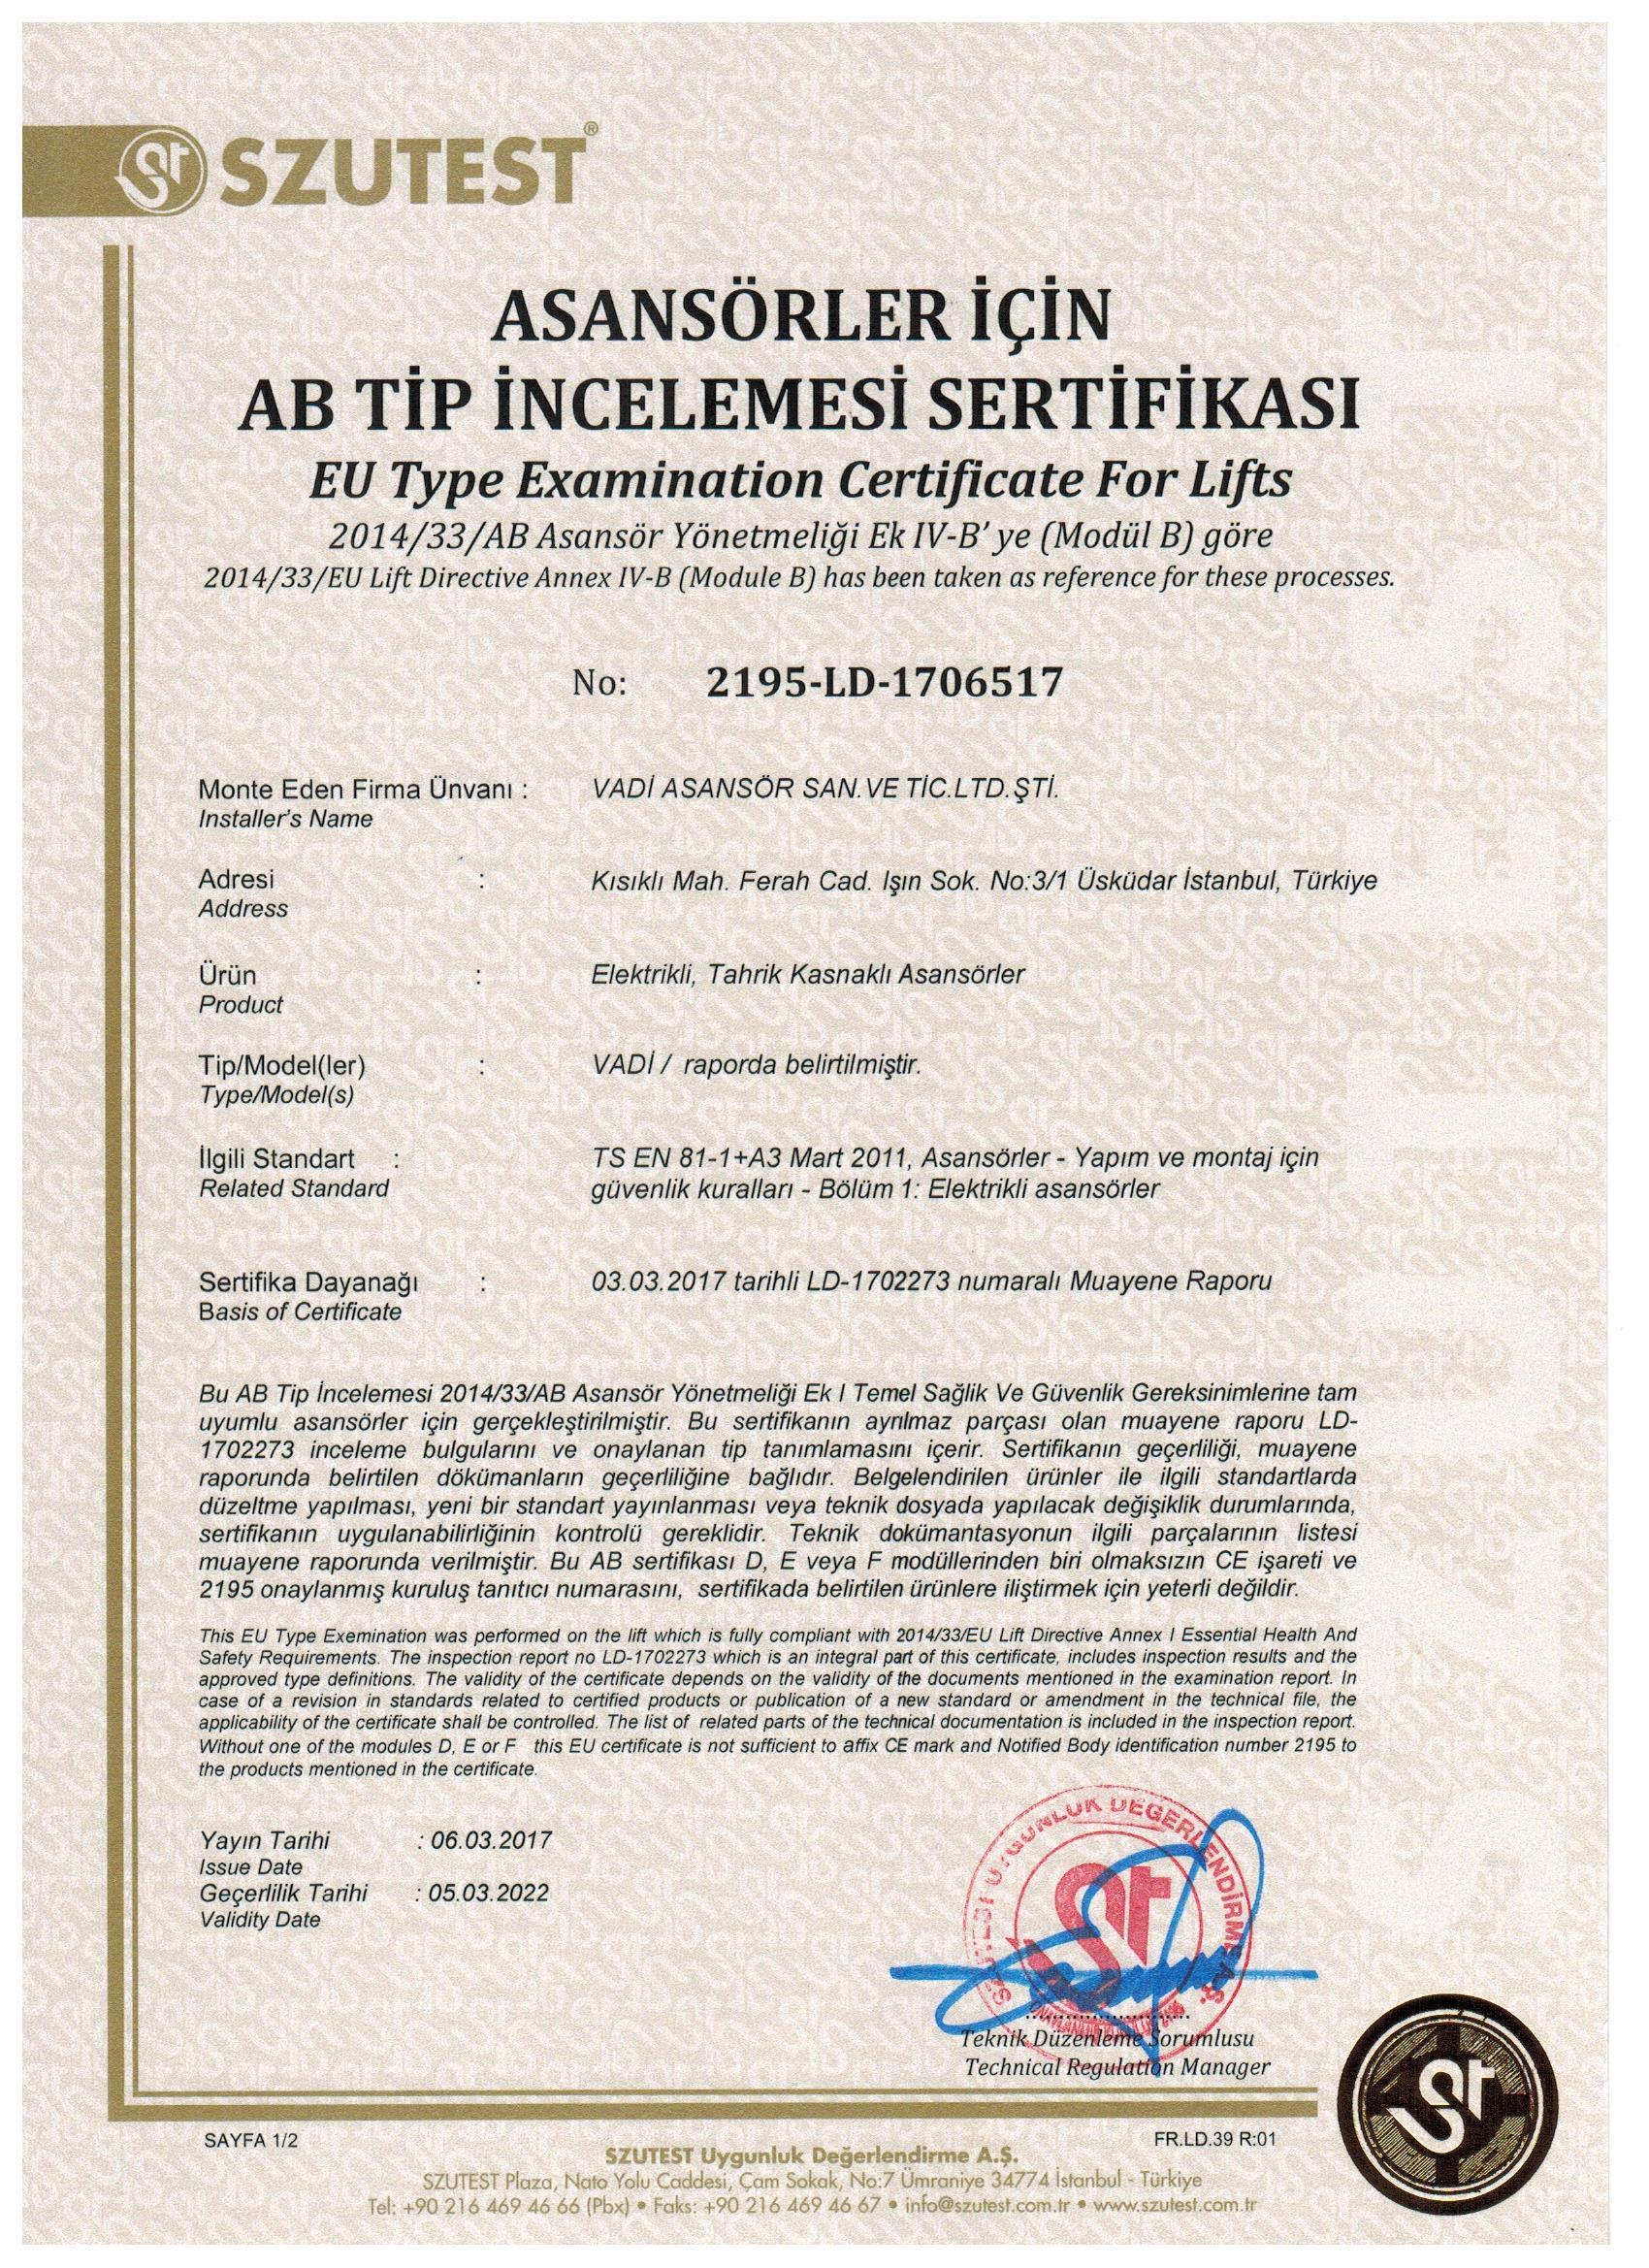 ASANSÖRLER İÇİN AB TİP İNCELEME SERTİFİKASI 1. 001